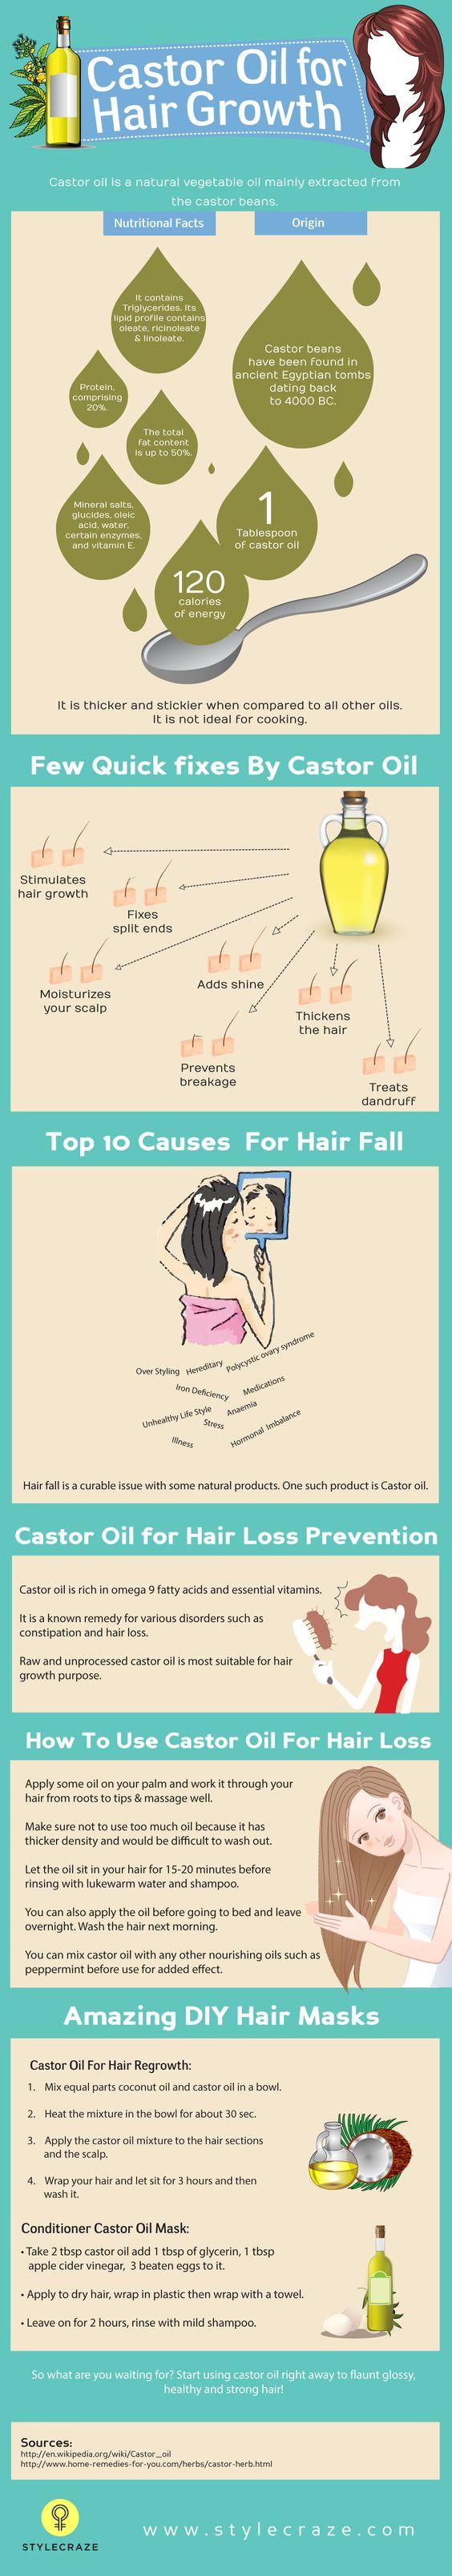 Castor Oil For Hair Growth.